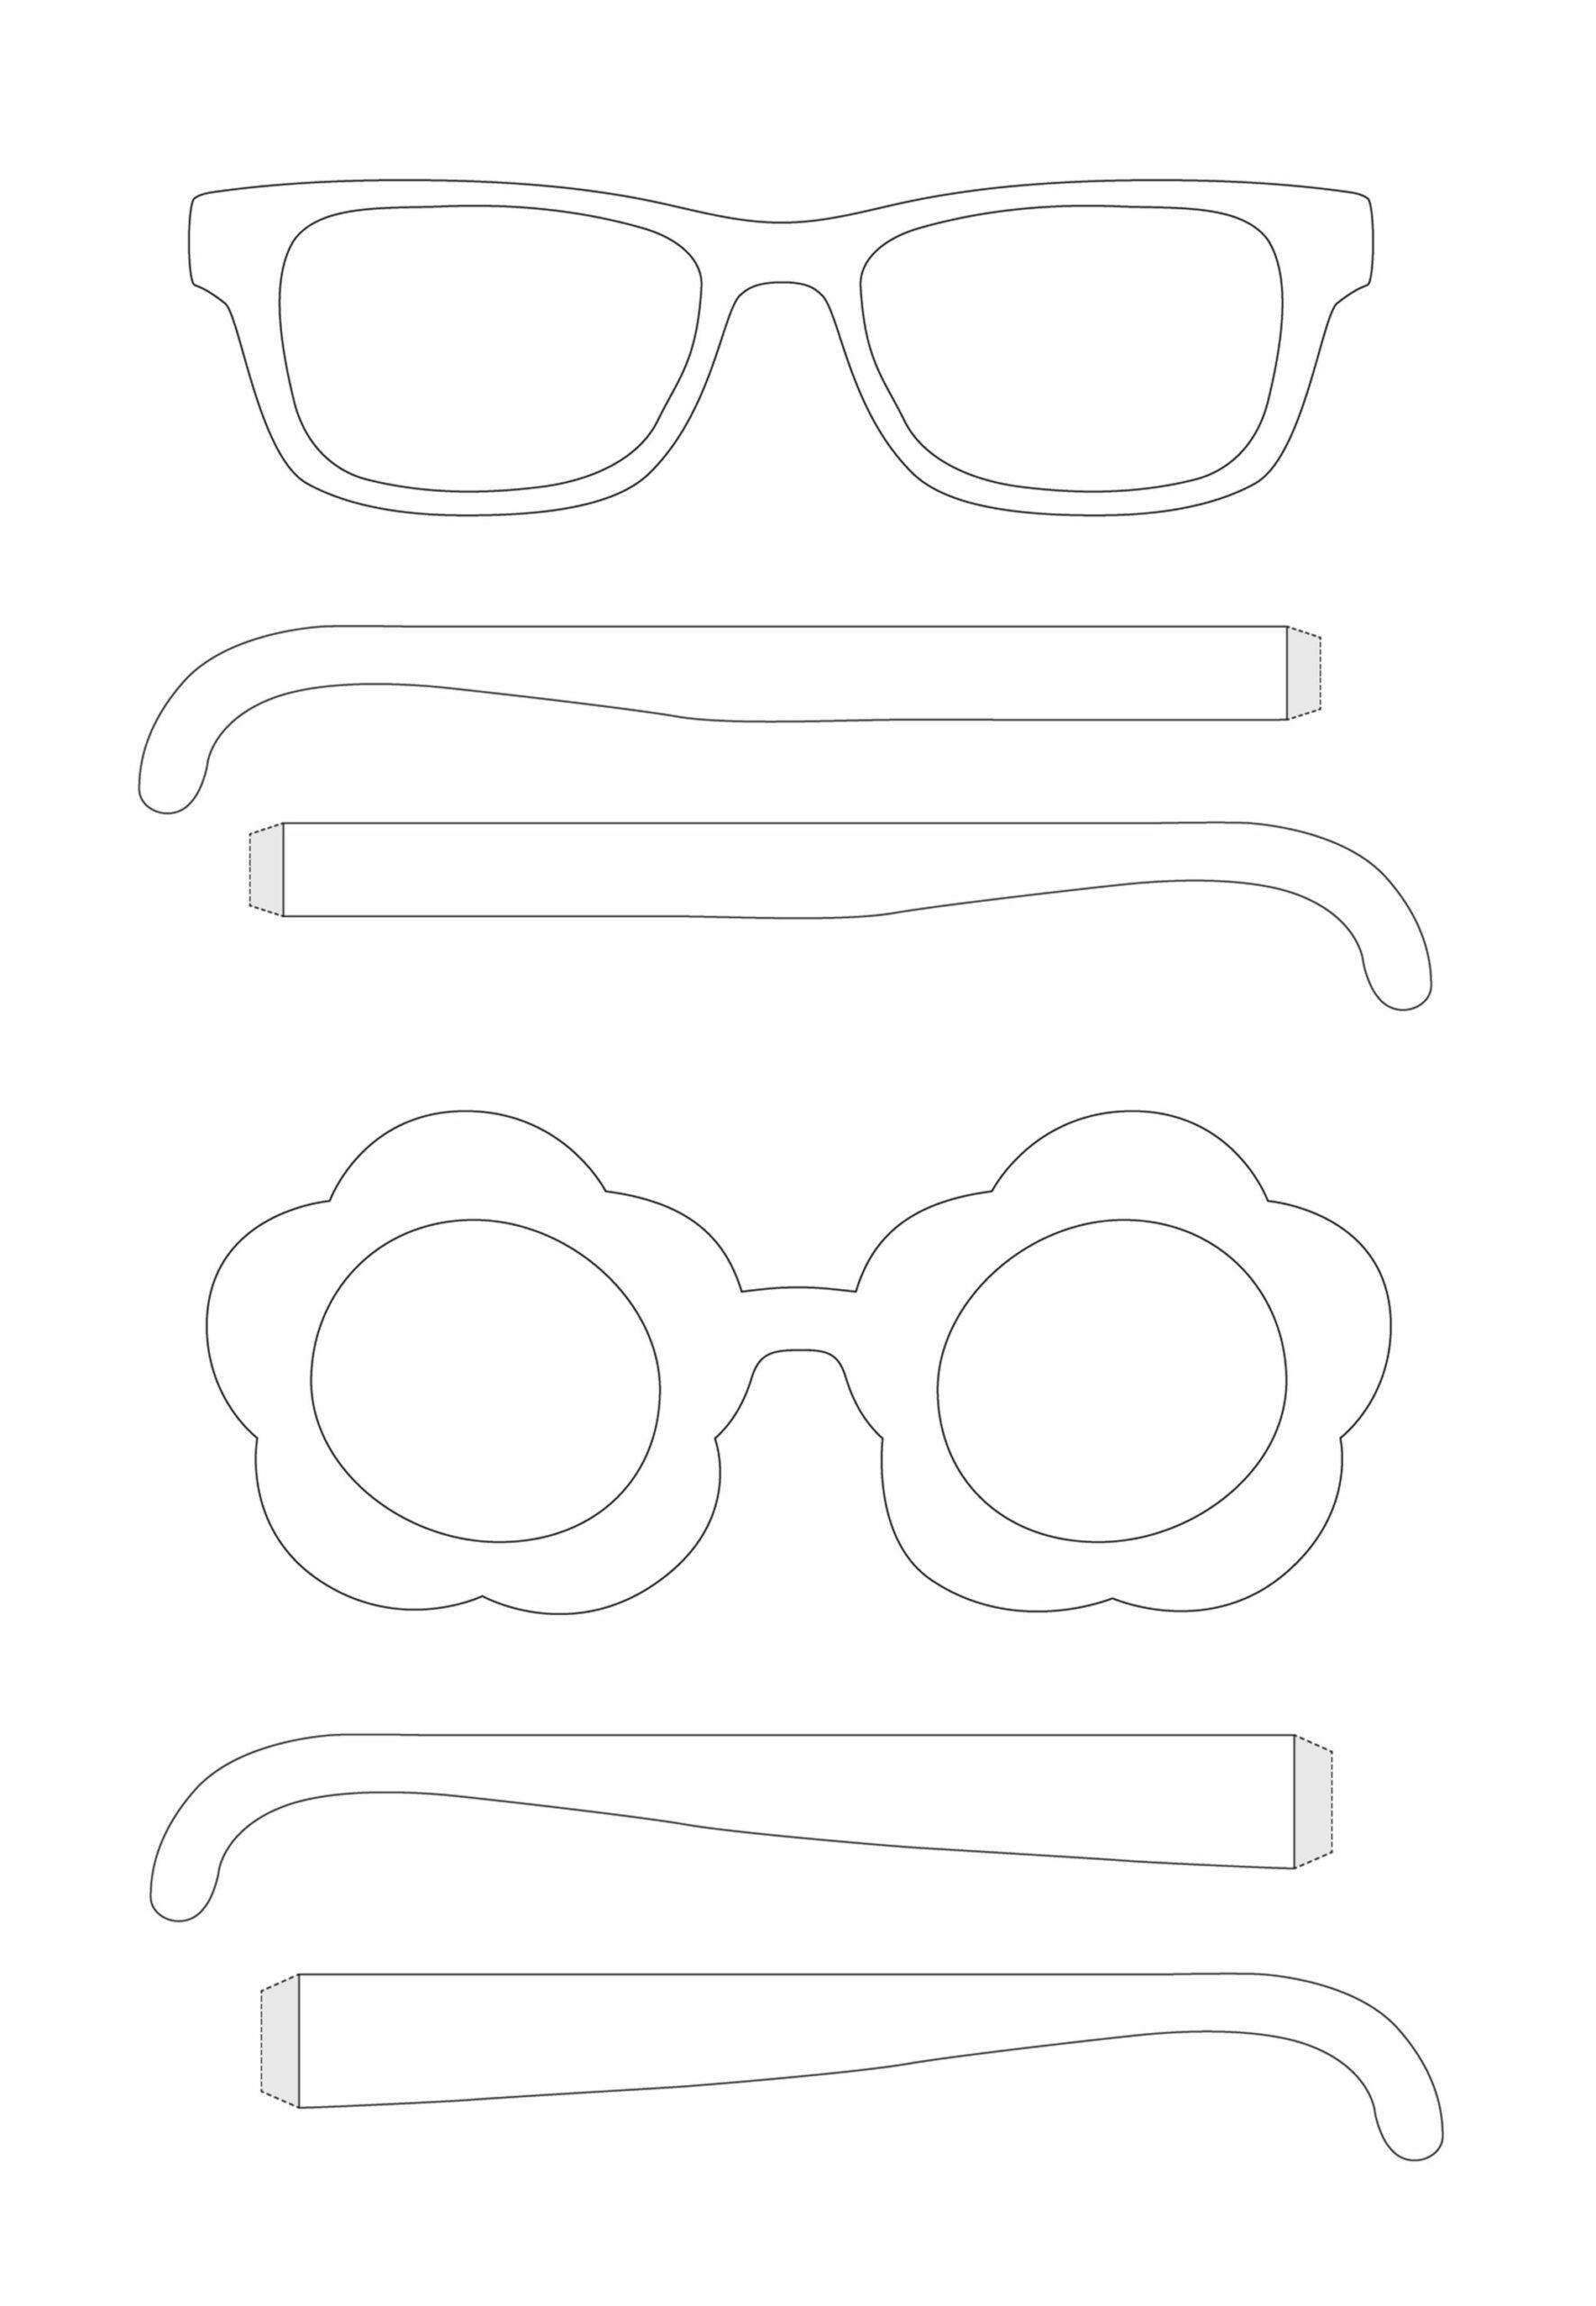 Brillen Bastelaktion Fur Gross Und Klein Brillen Wohlfart